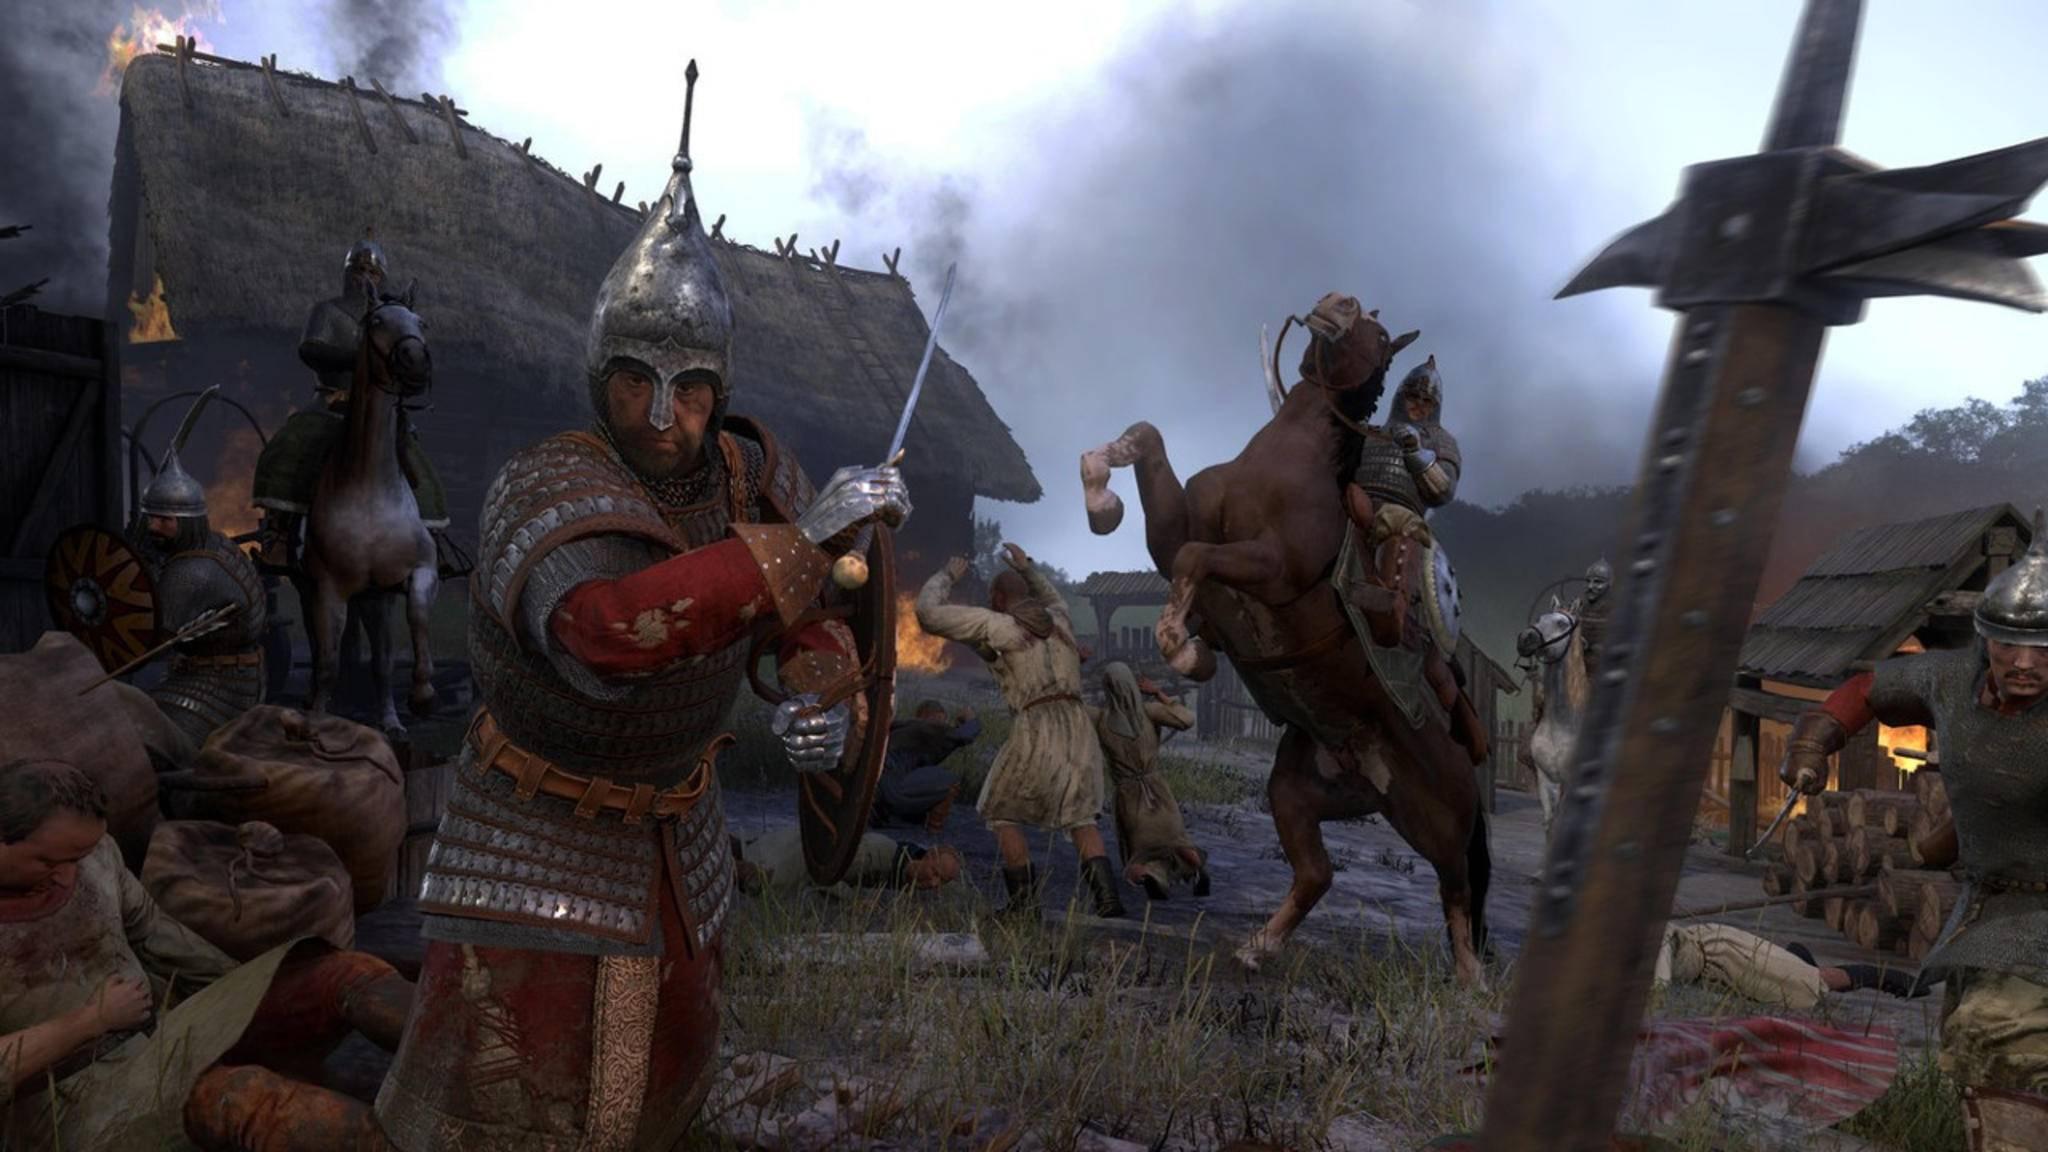 Die Kumanen sind im ganzen Land gefürchtet. Wenn Heinrich ihre Reihen ausdünnt, wird er dafür mit barer Münze entlohnt.